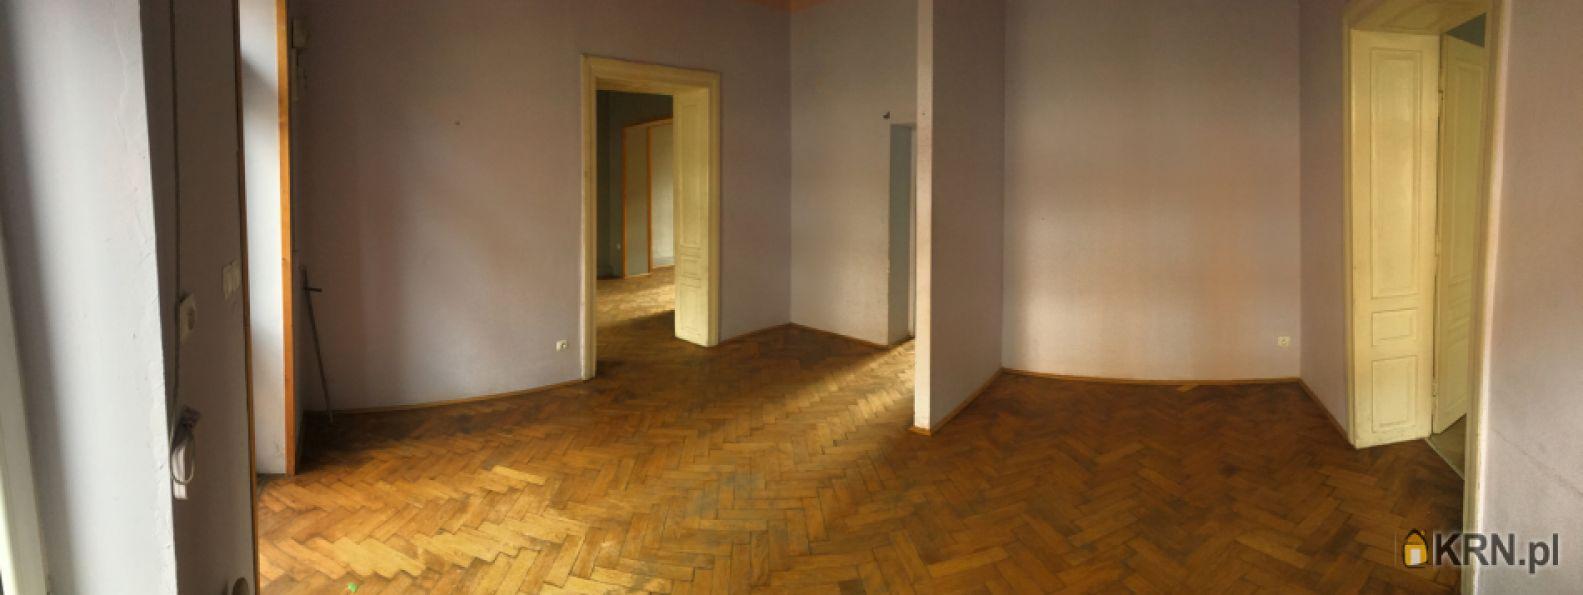 Dom Kraków 200.00m2, dom do wynajęcia